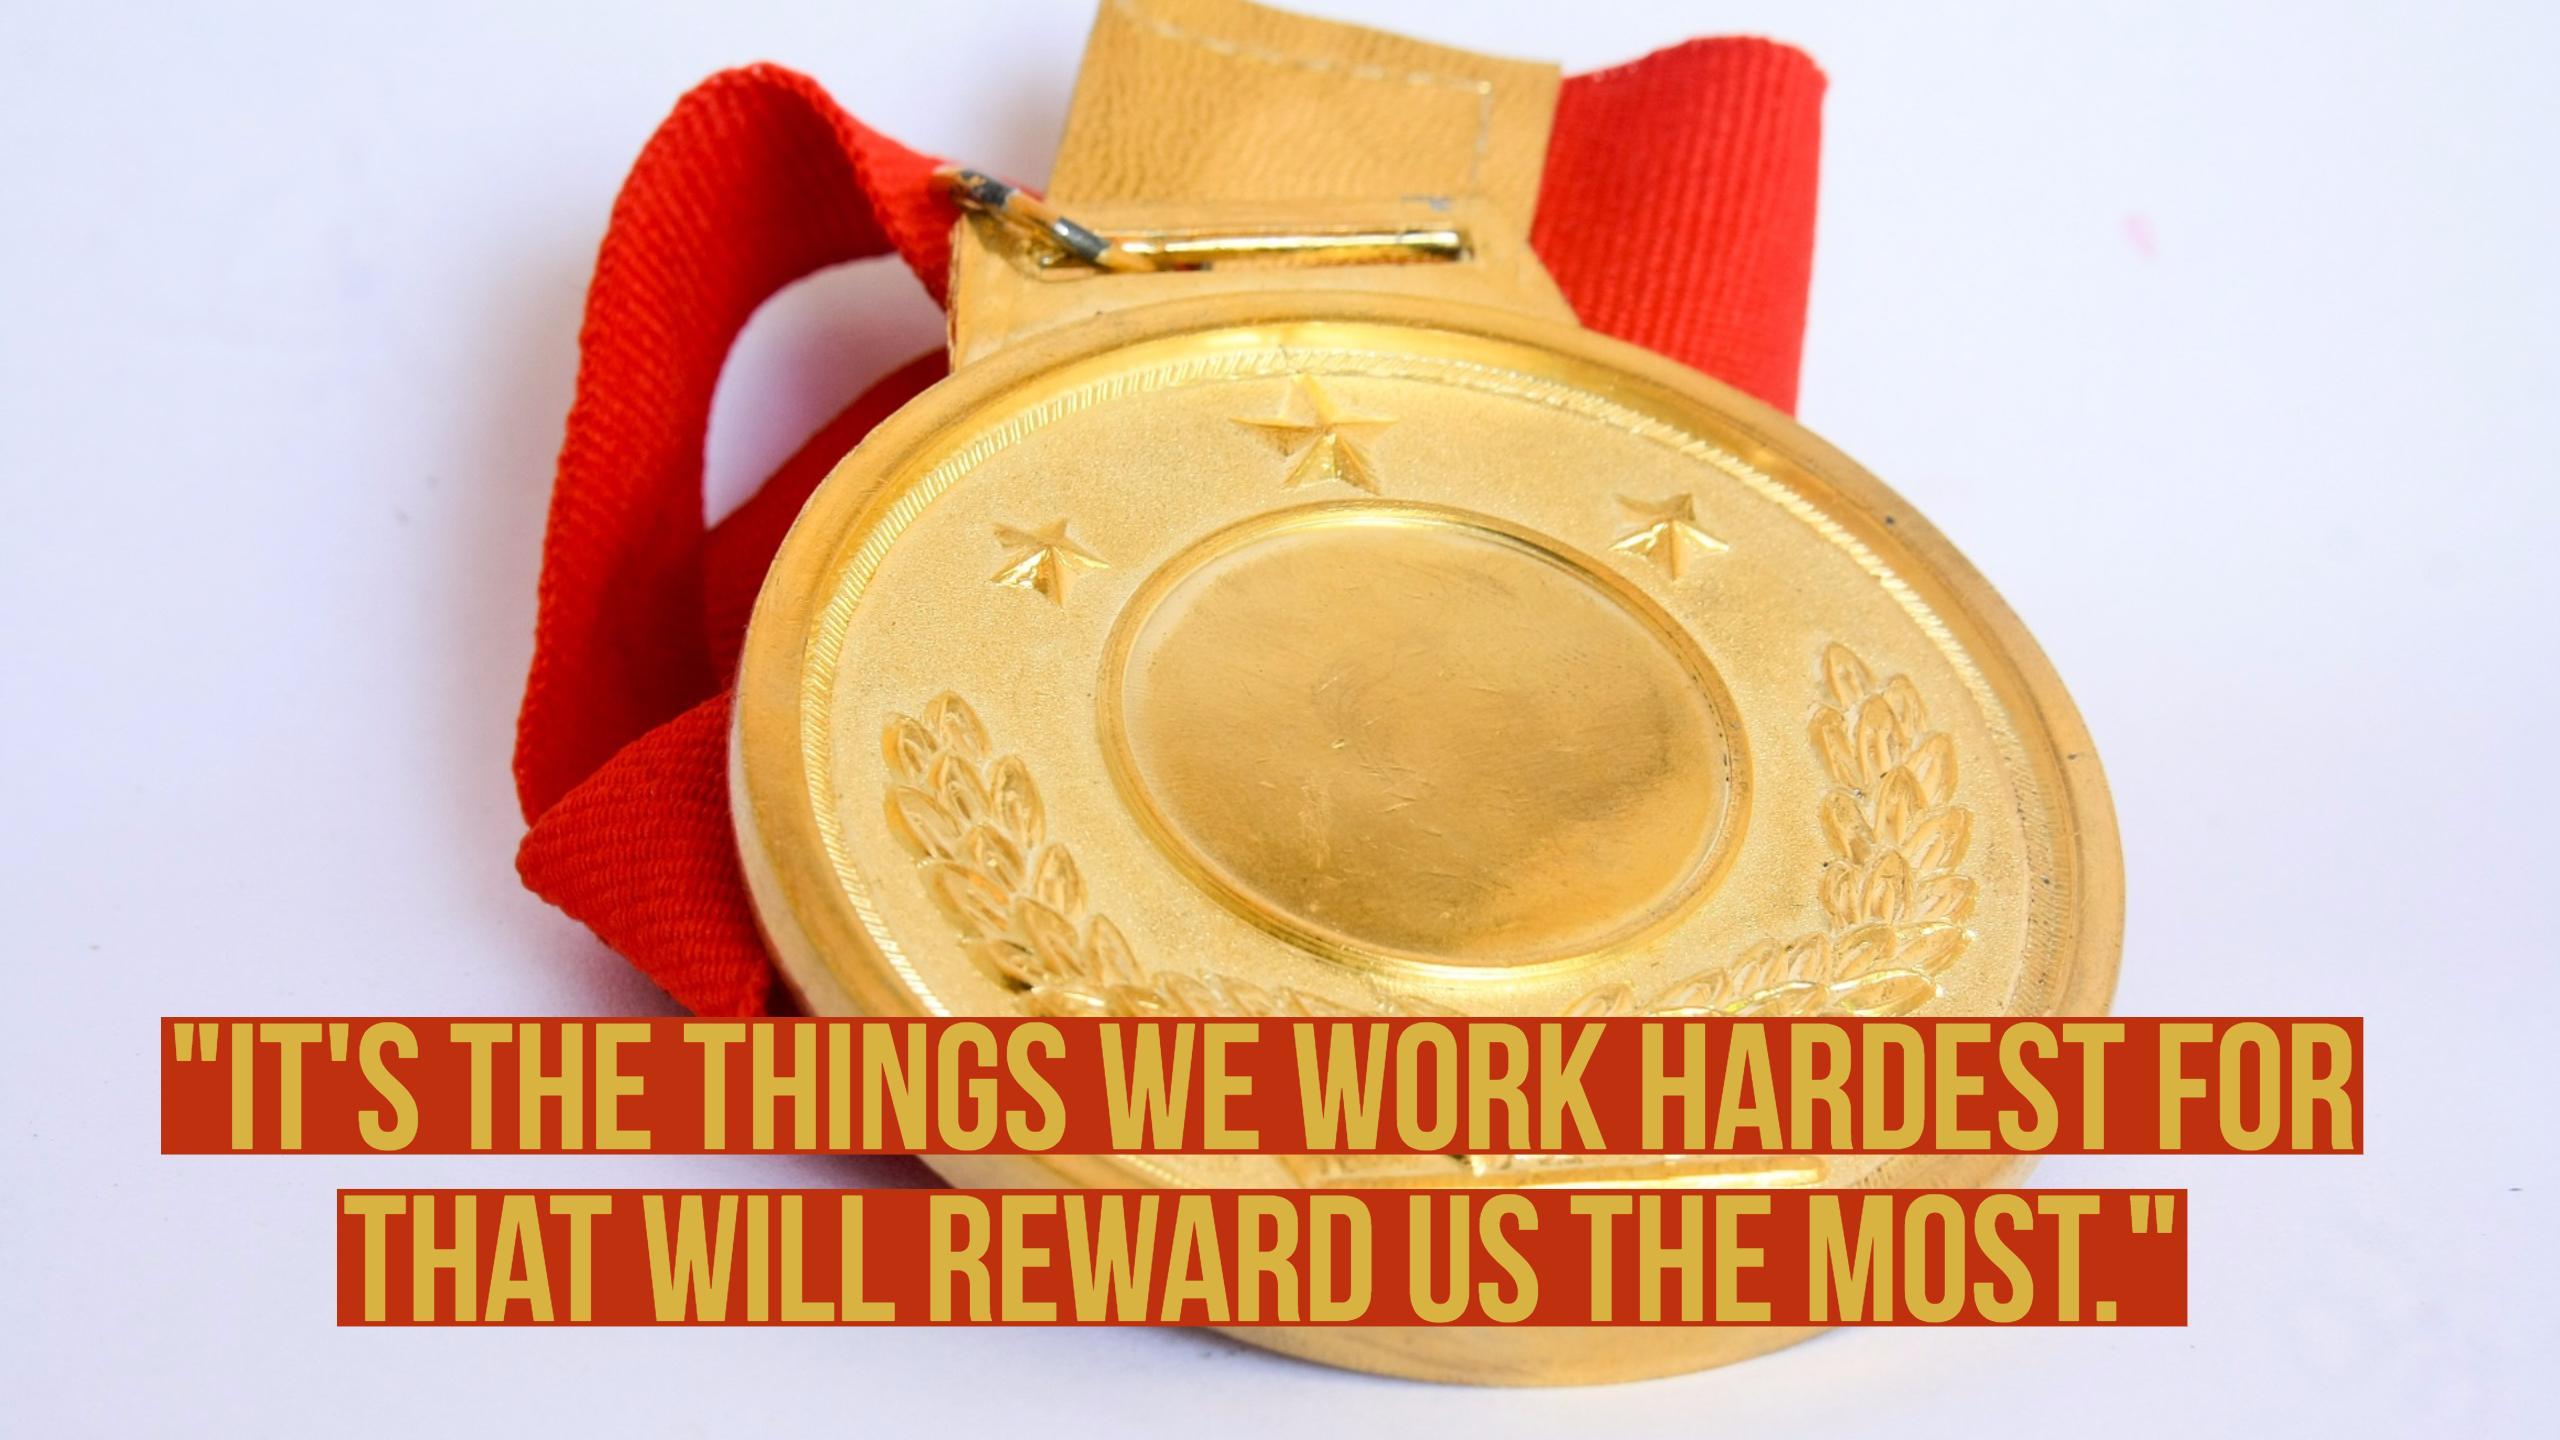 Quote rewarding